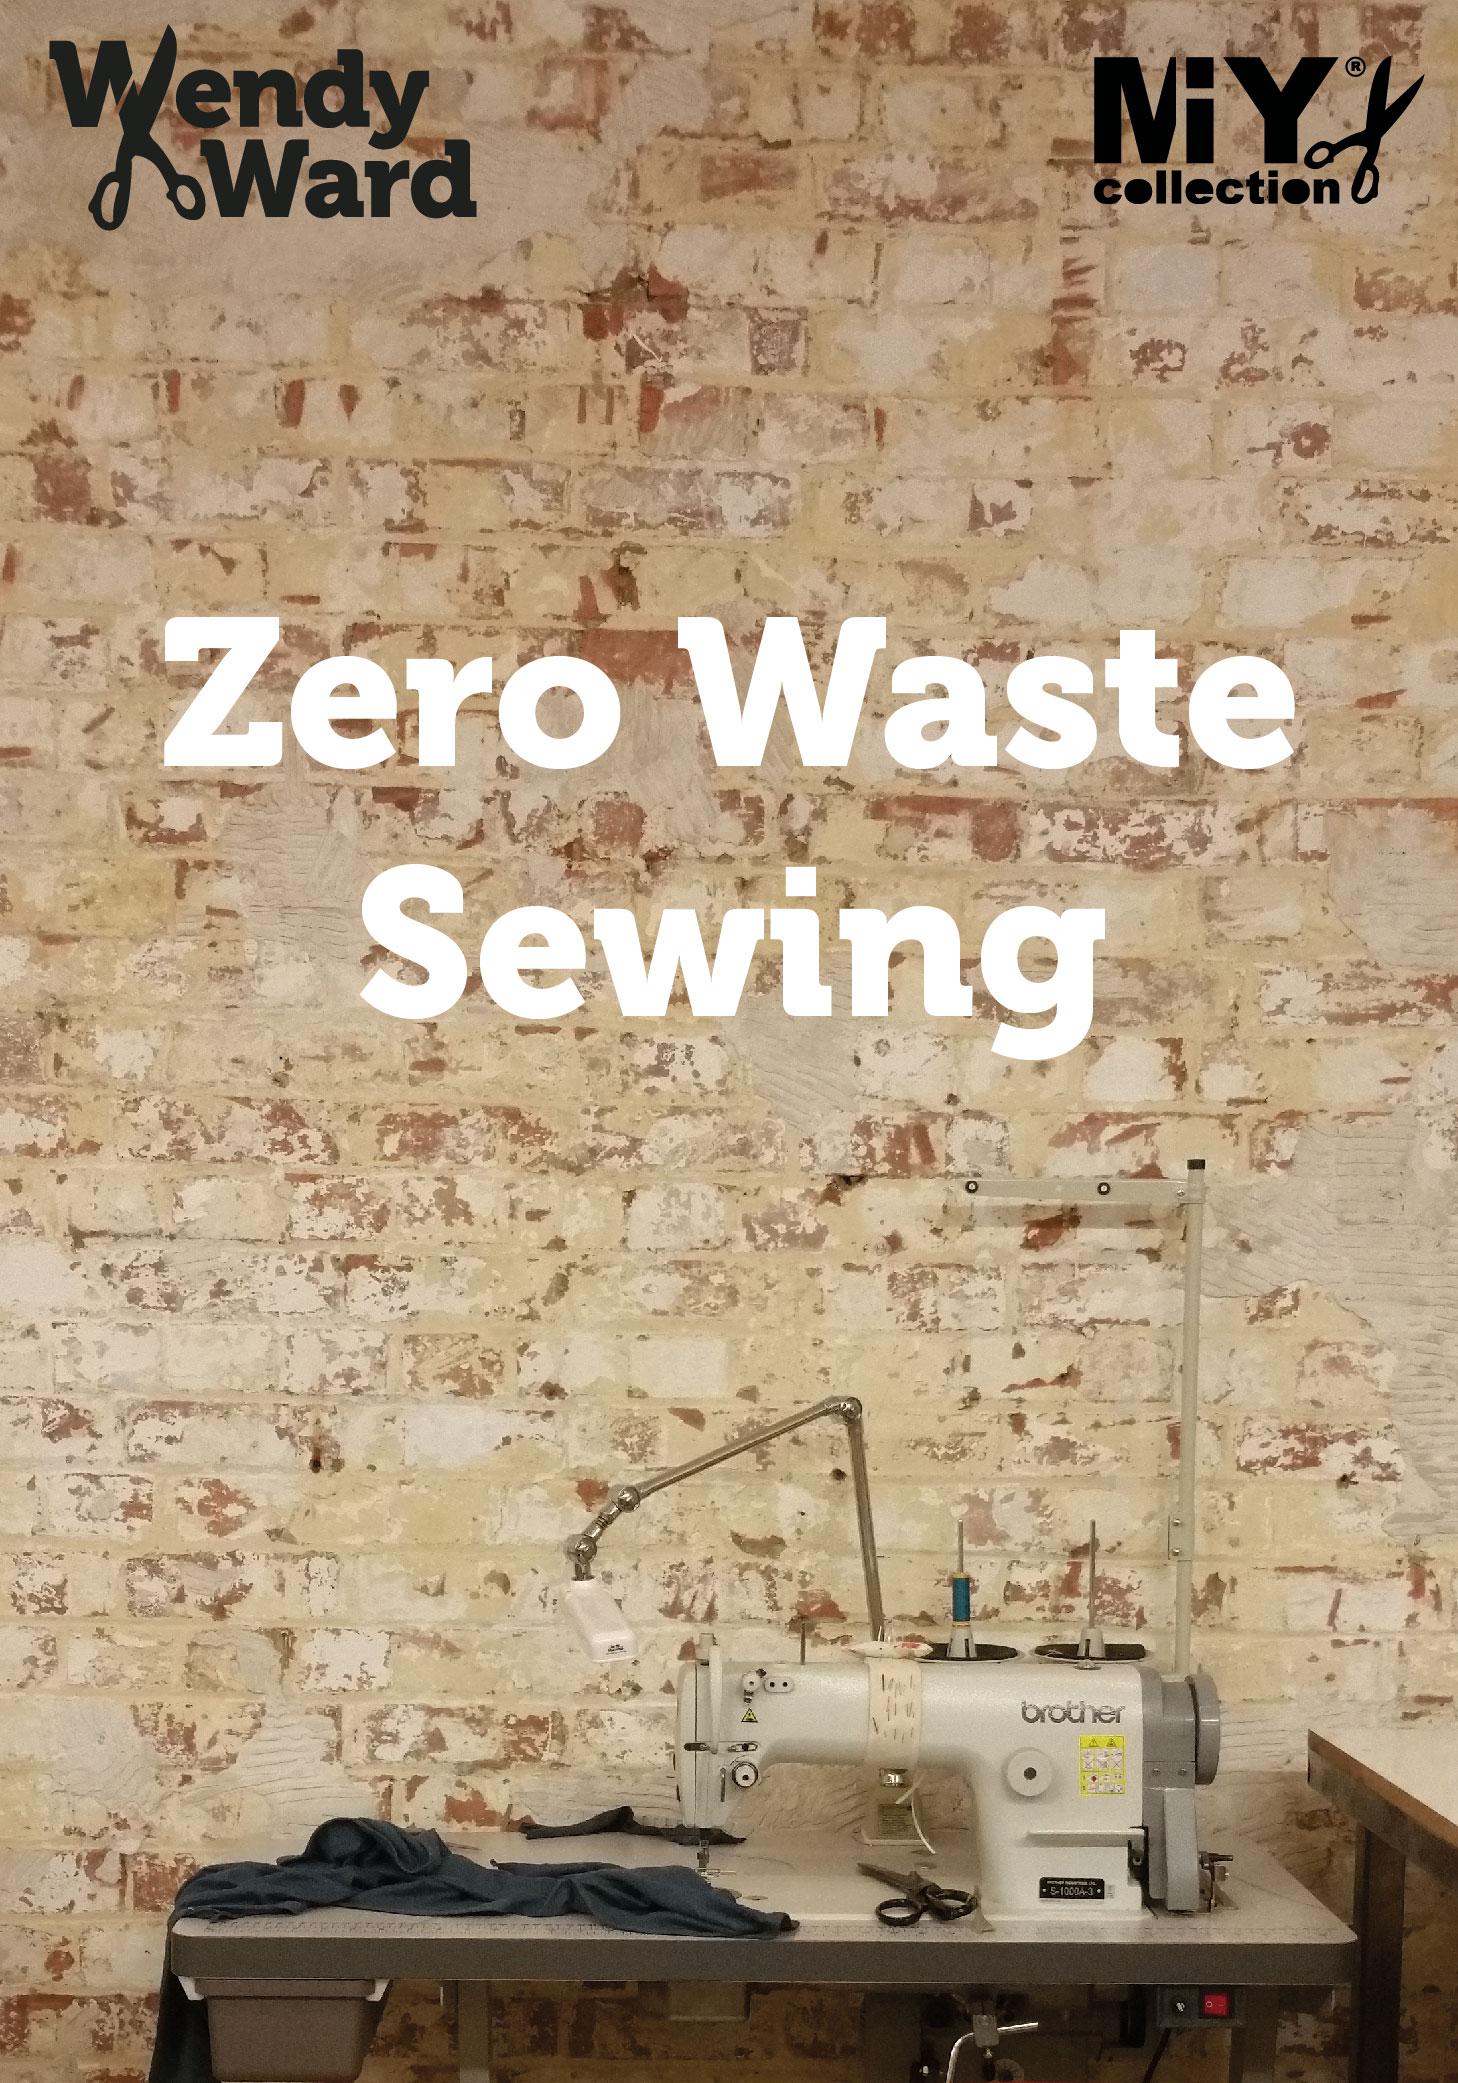 Zero Waste Sewing | Wendy Ward